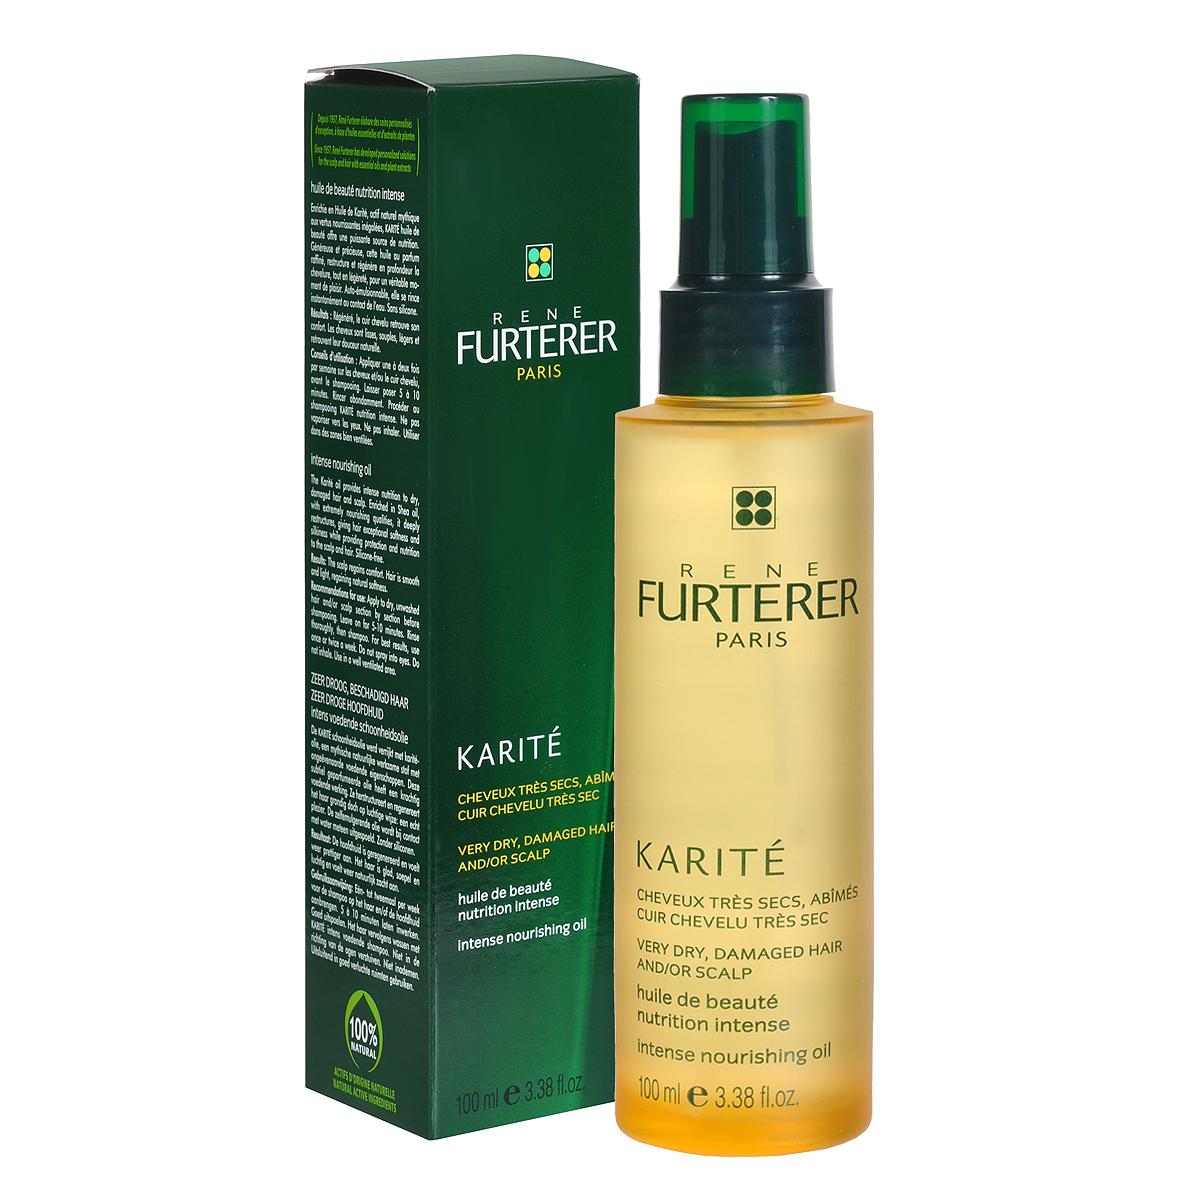 Rene Furterer Масло Karite, для интенсивного питания волос, 100 мл3282779312677Масло Карите - превосходное питательное средство для ухода за очень сухими волосами. Масло Карите, обогащенное питательными веществами, восстанавливает структуру поврежденных волос, не утяжеляя их. Волосы становятся легкими, мягкими и шелковистыми.